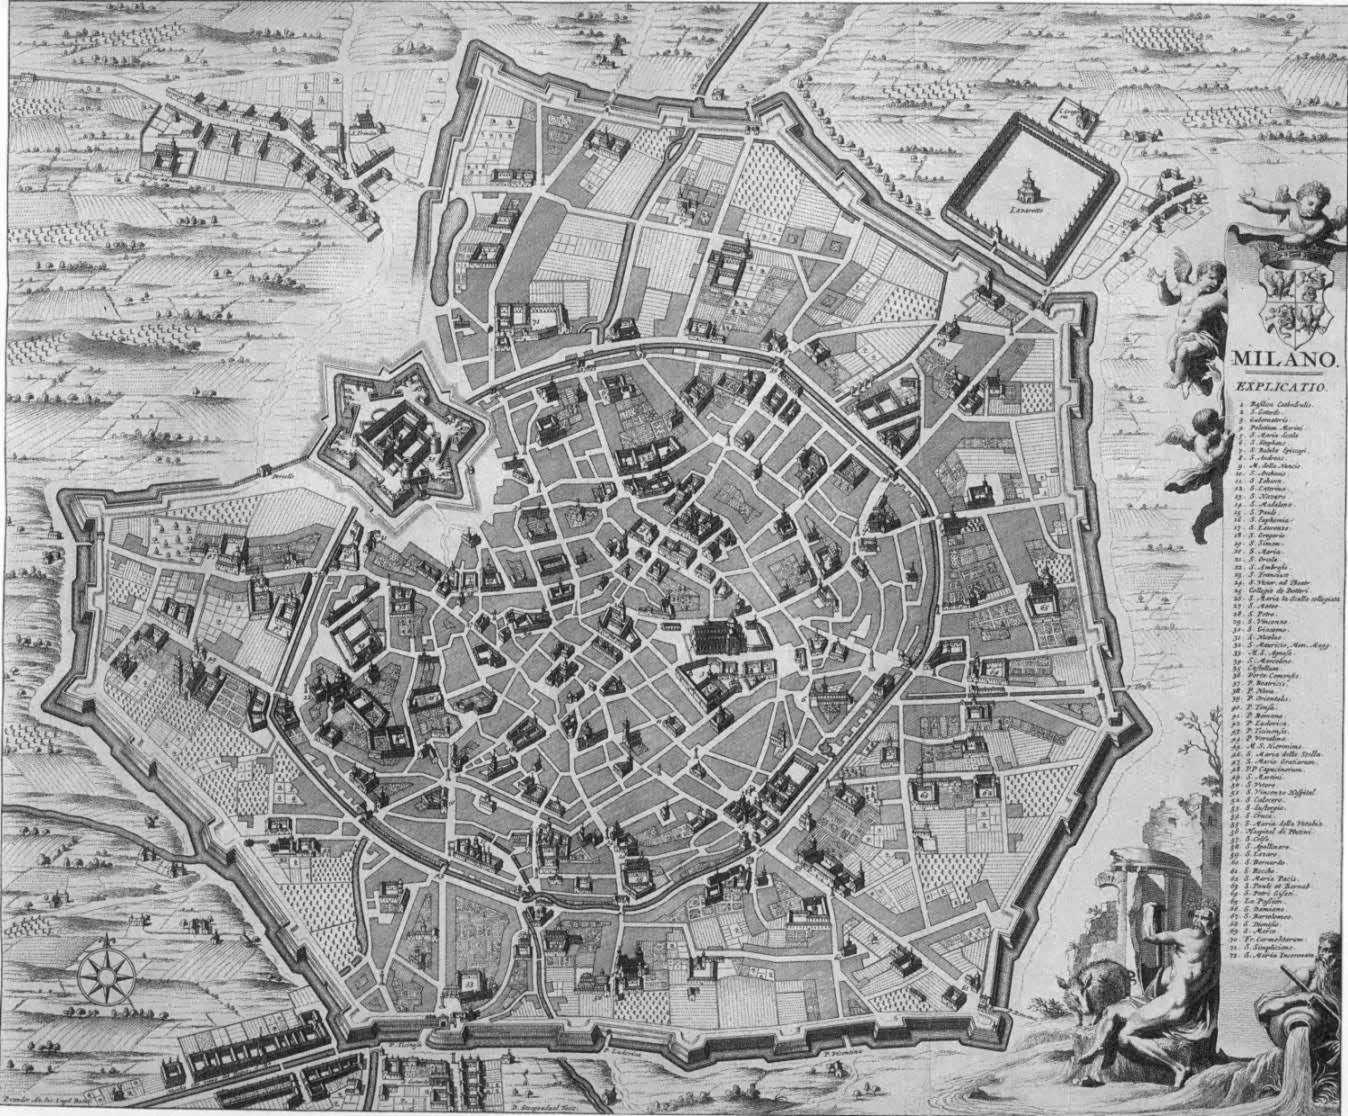 Mappa della Milano spagnola con la cinta bastionata, la cerchia dei navigli all'interno e del castello a guardia del sistema.